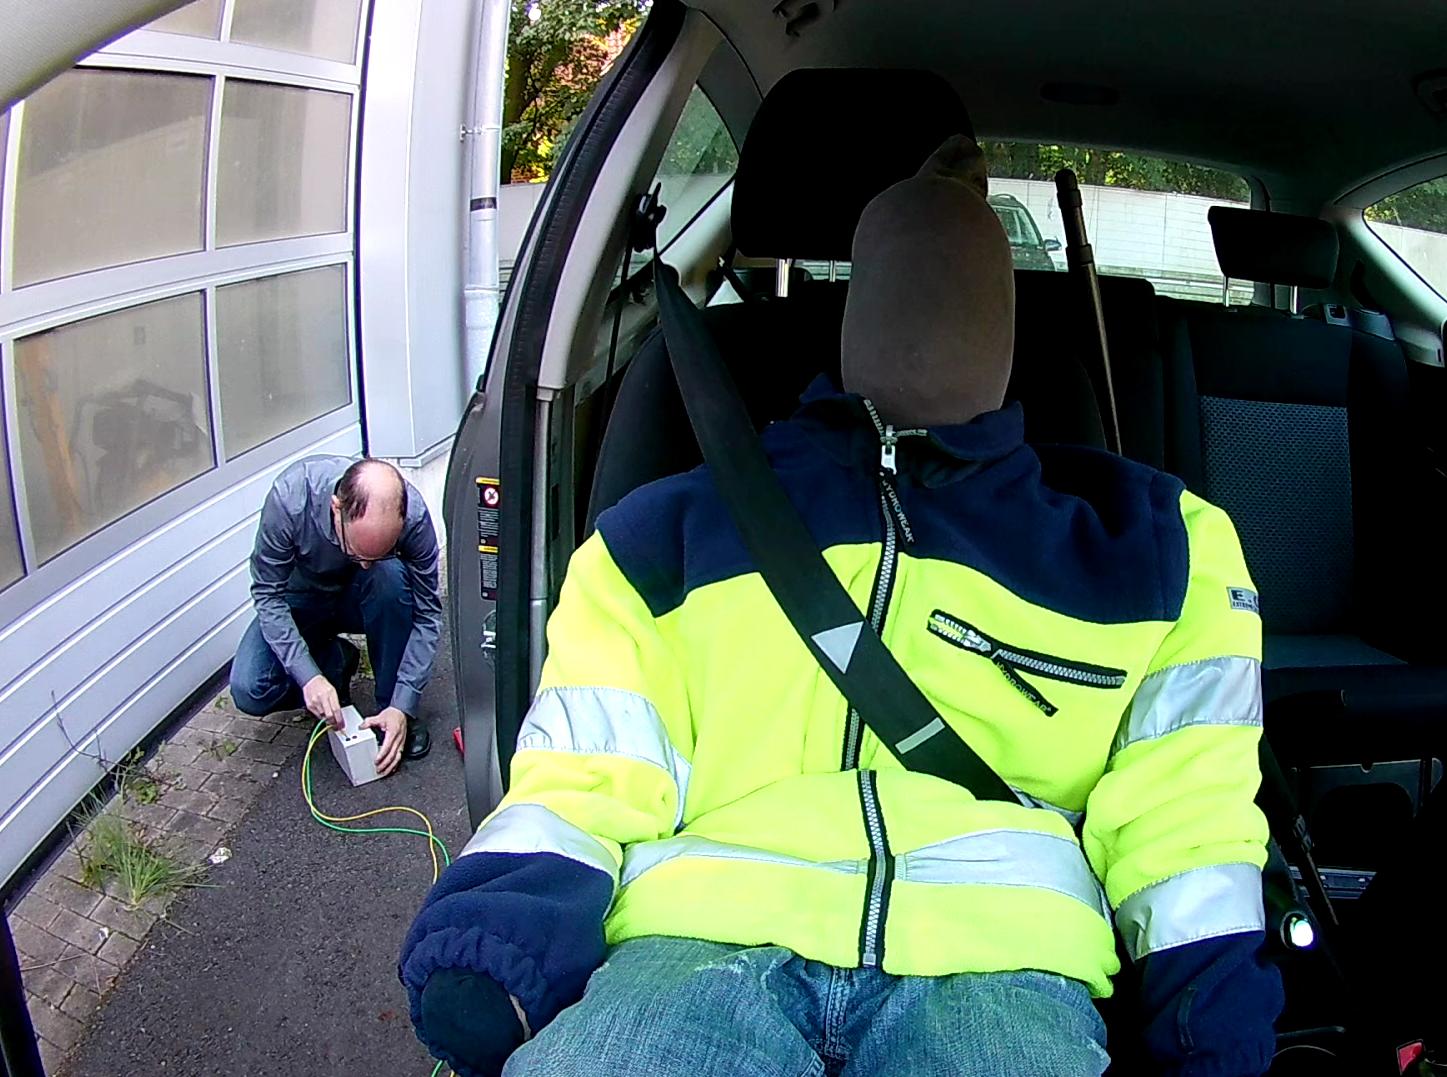 Manuelles Auslösen des Gurtstraffers in einem Vergleichsfahrzeug zur Untersuchung des Gurtverhaltensnach der Kollision